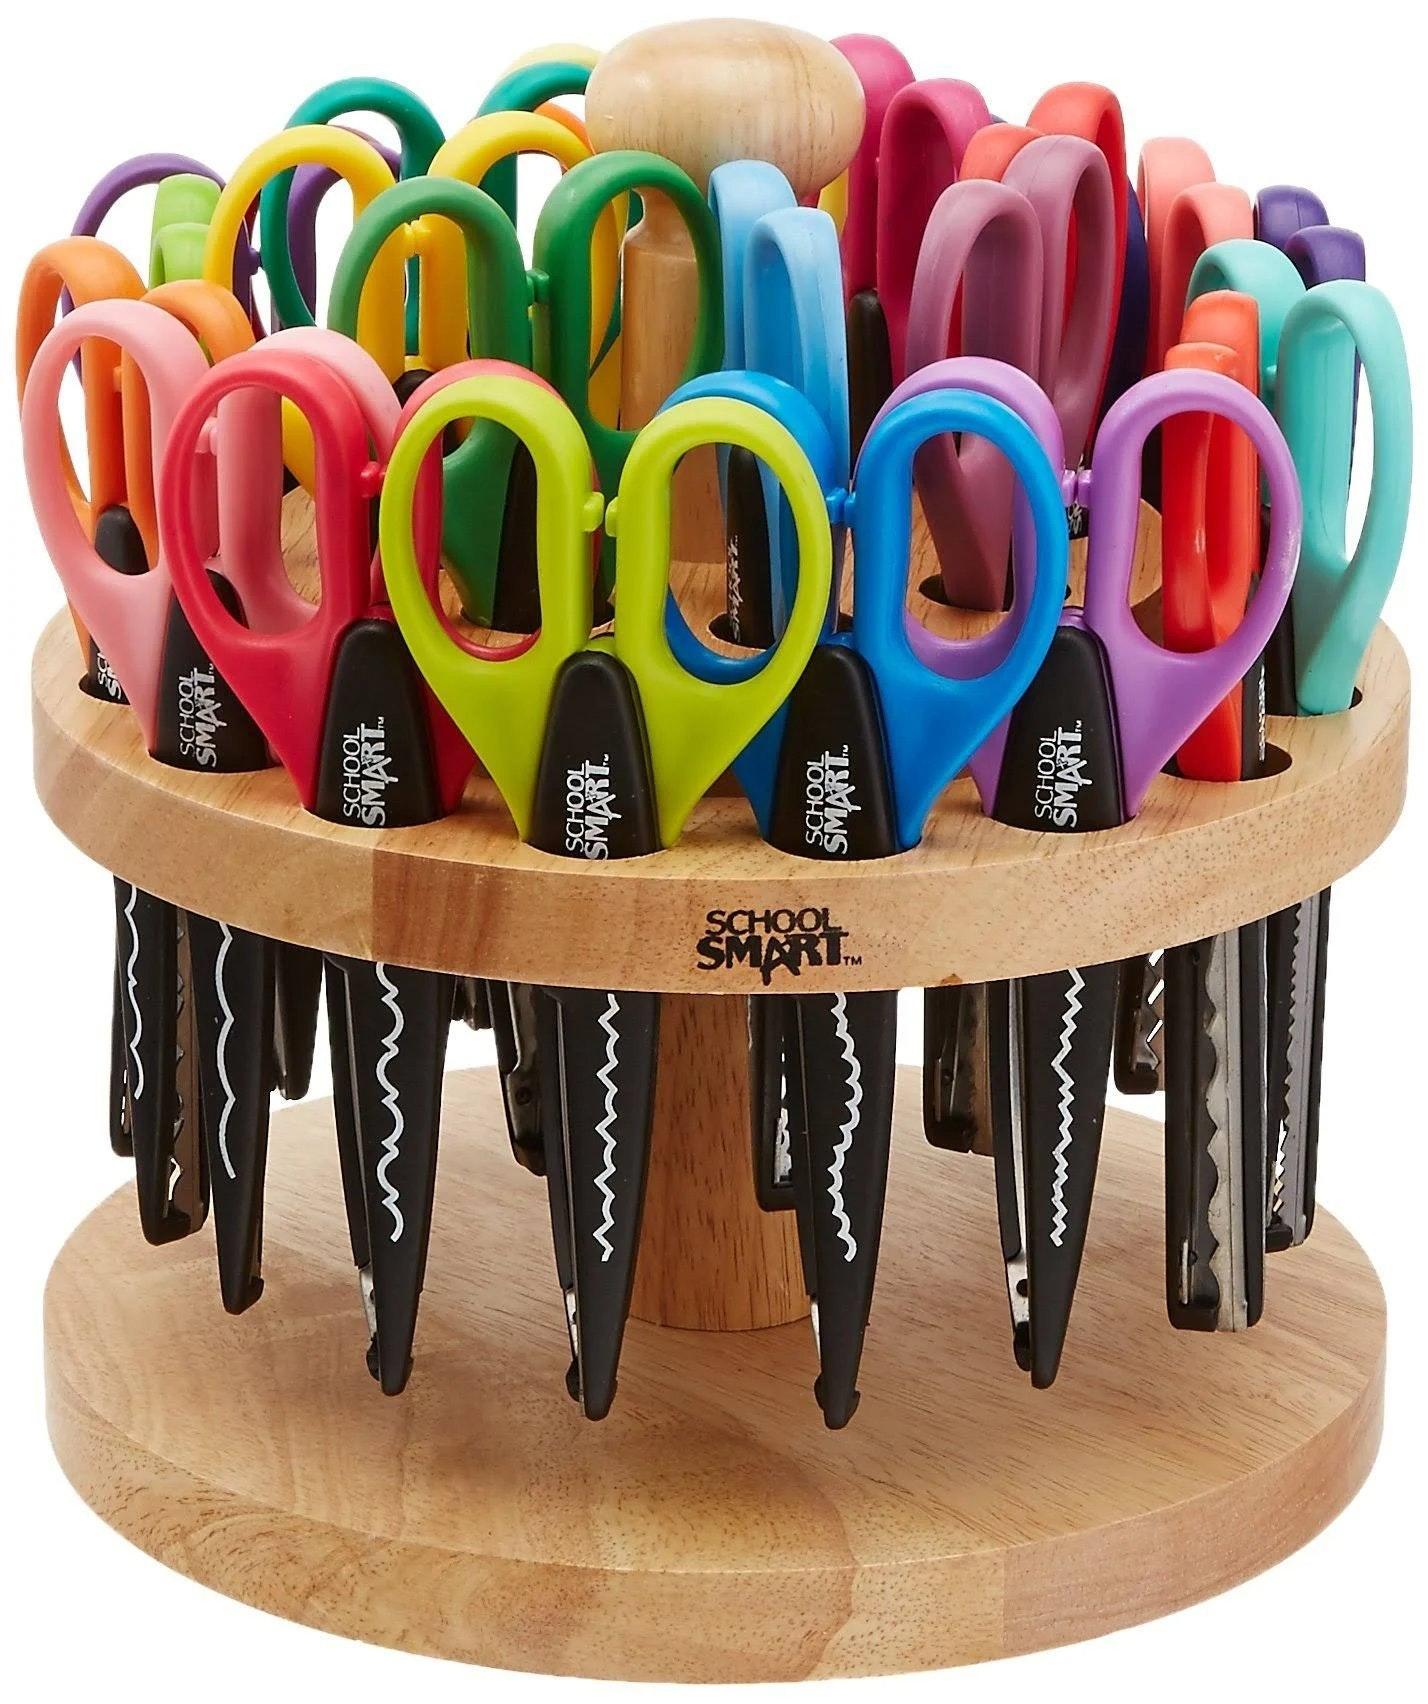 School Smart Paper Edger Scissors